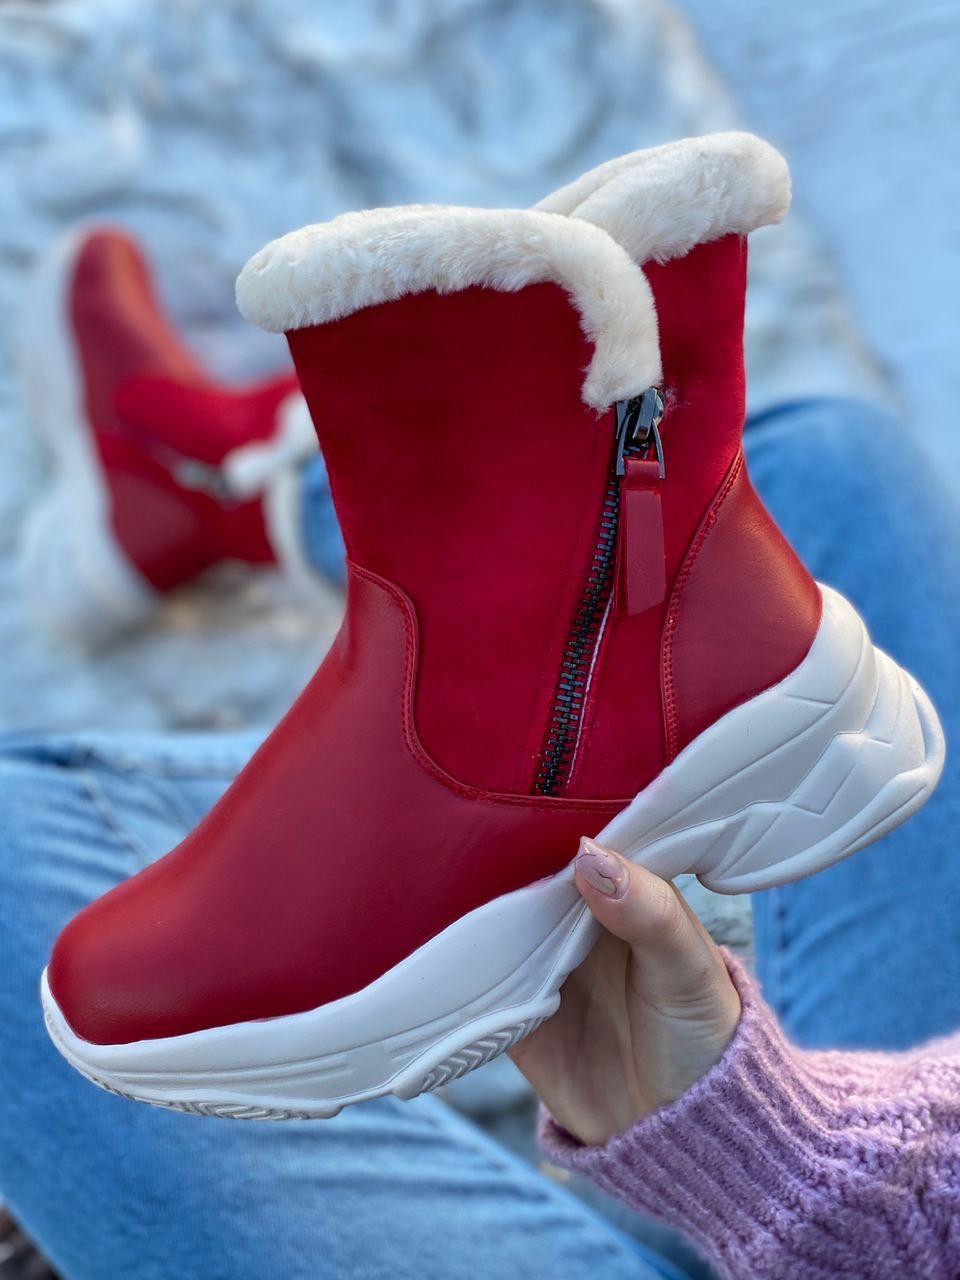 Ботинки женские зимние 6 пар в ящике красного цвета 36-40